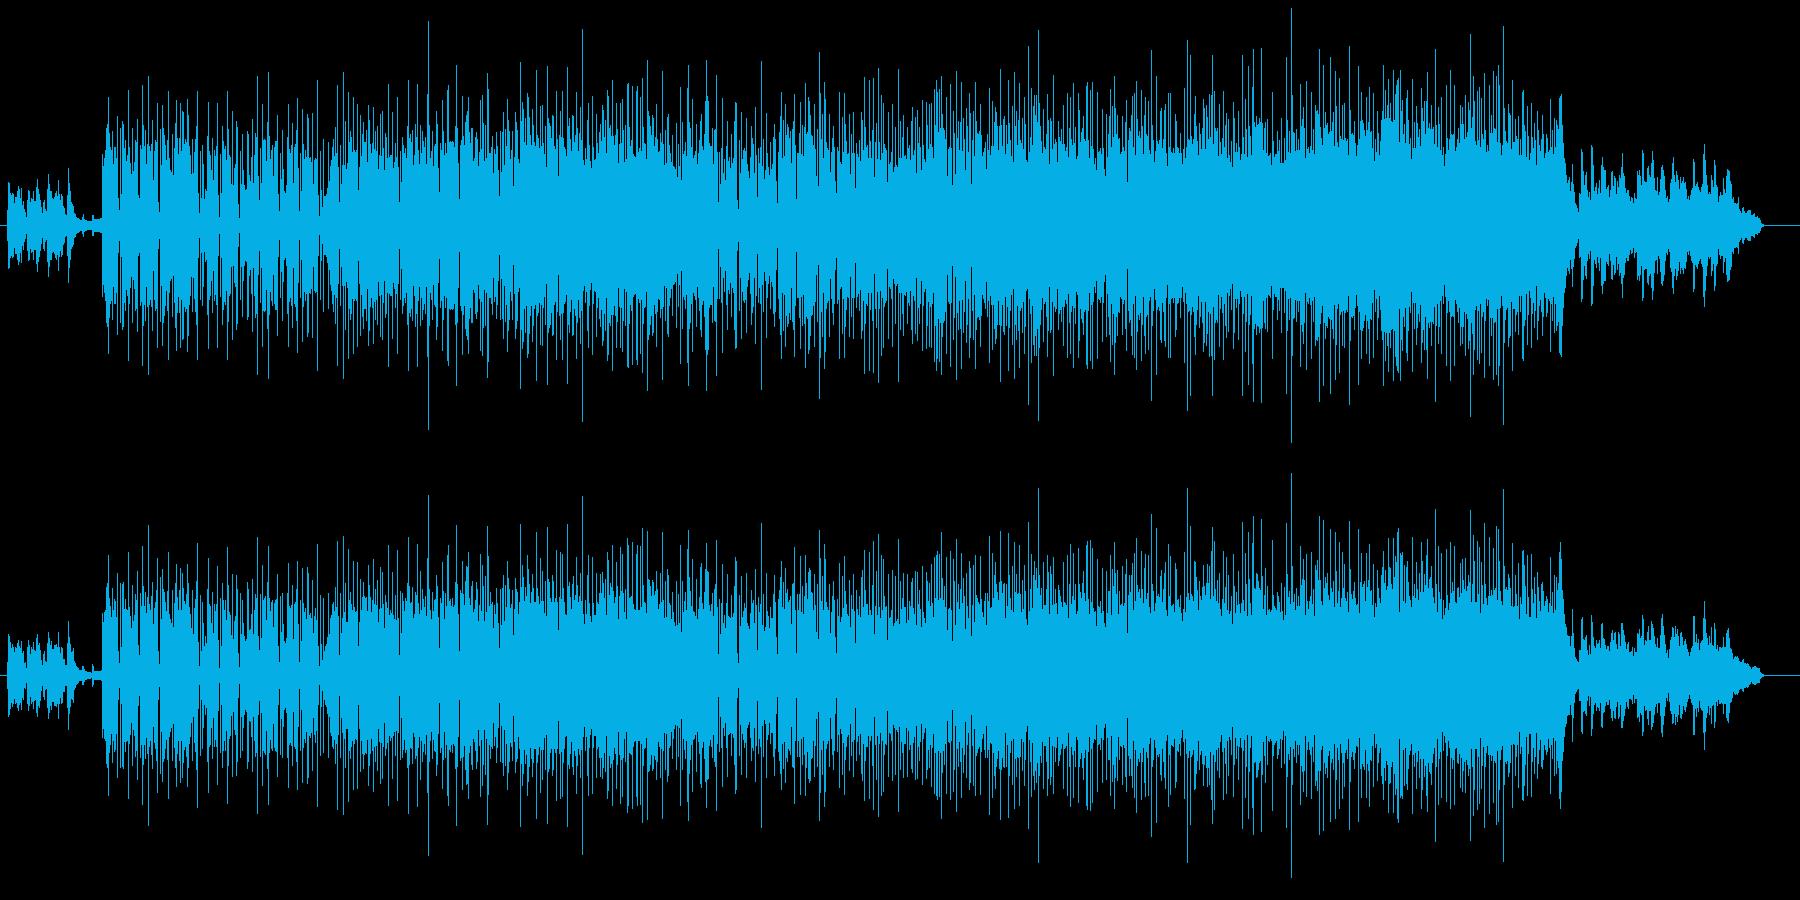 ピアノがおしゃれなマイナー・フュージョンの再生済みの波形